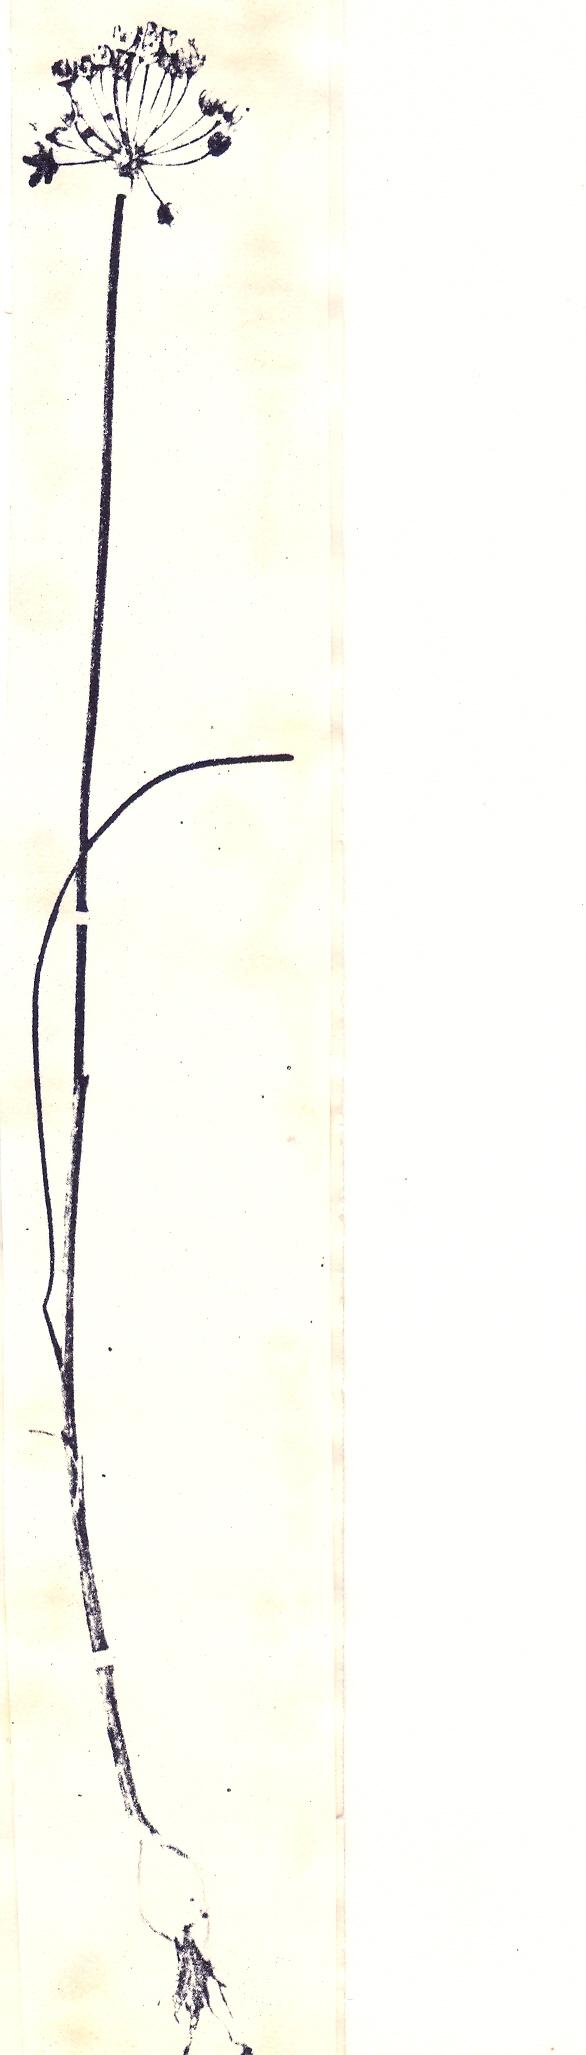 Allium%20popovii.jpg